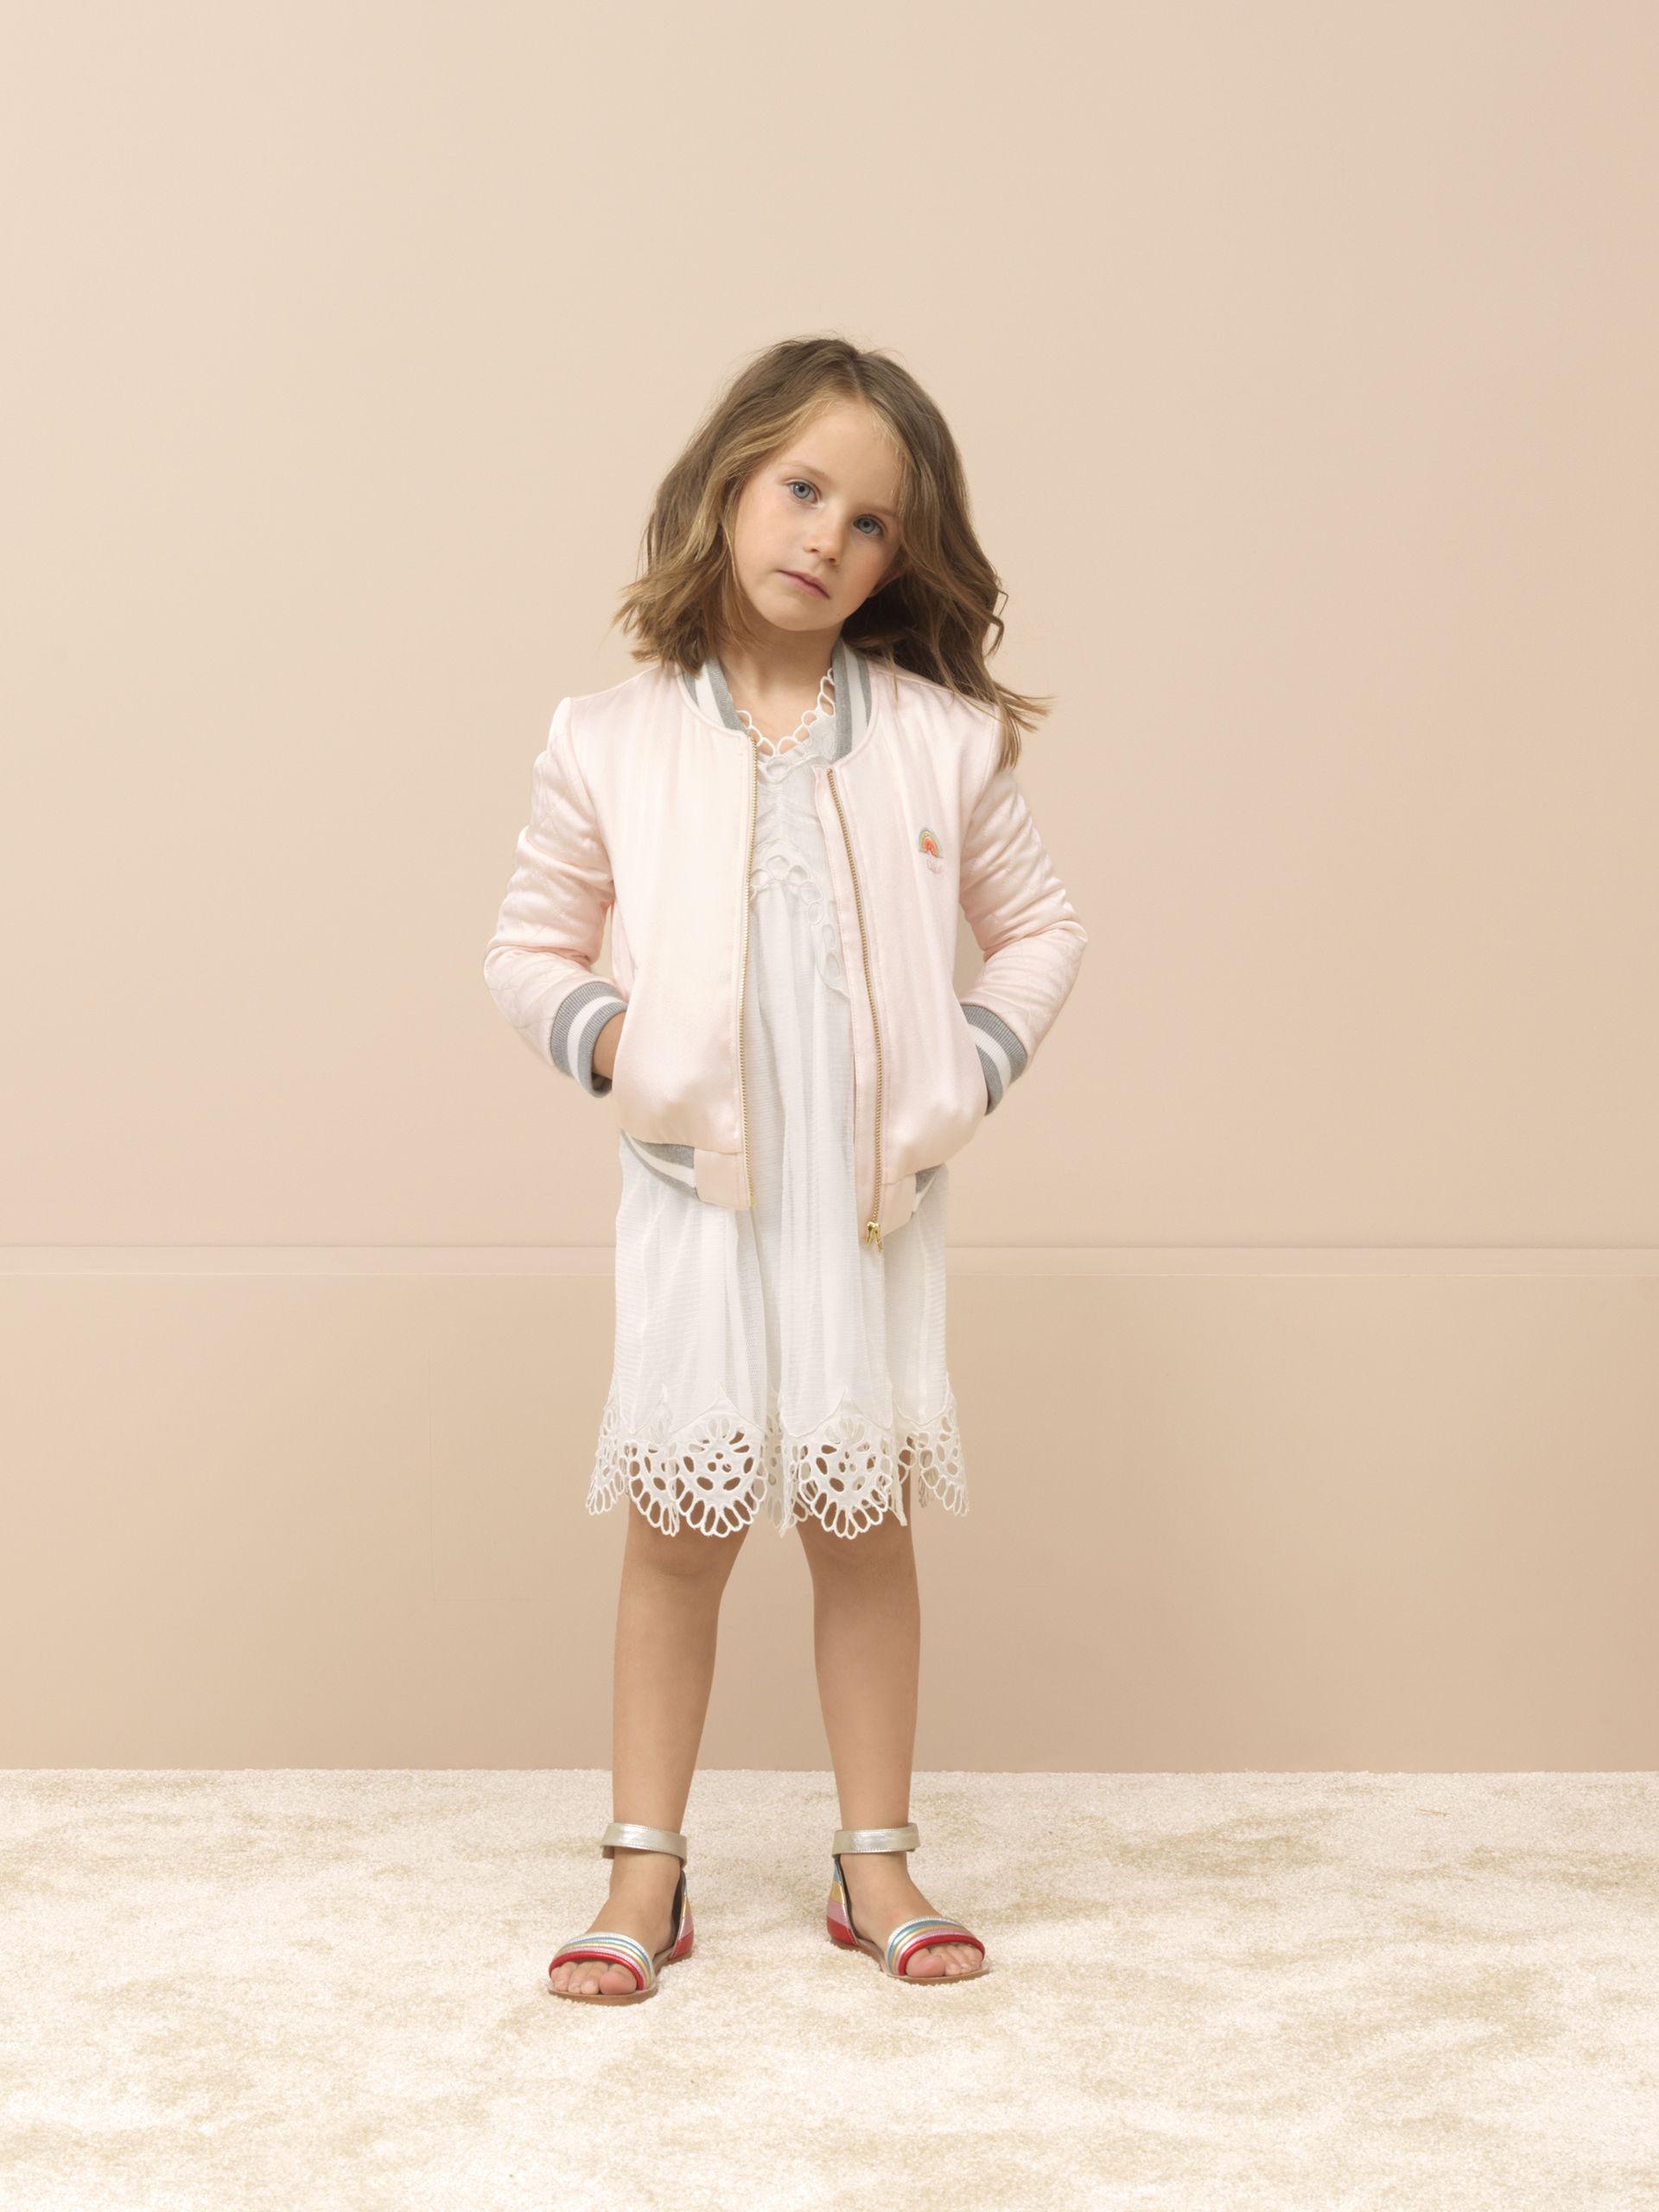 Little Chloe Girls Ss17 Les Enfants 224 Paris